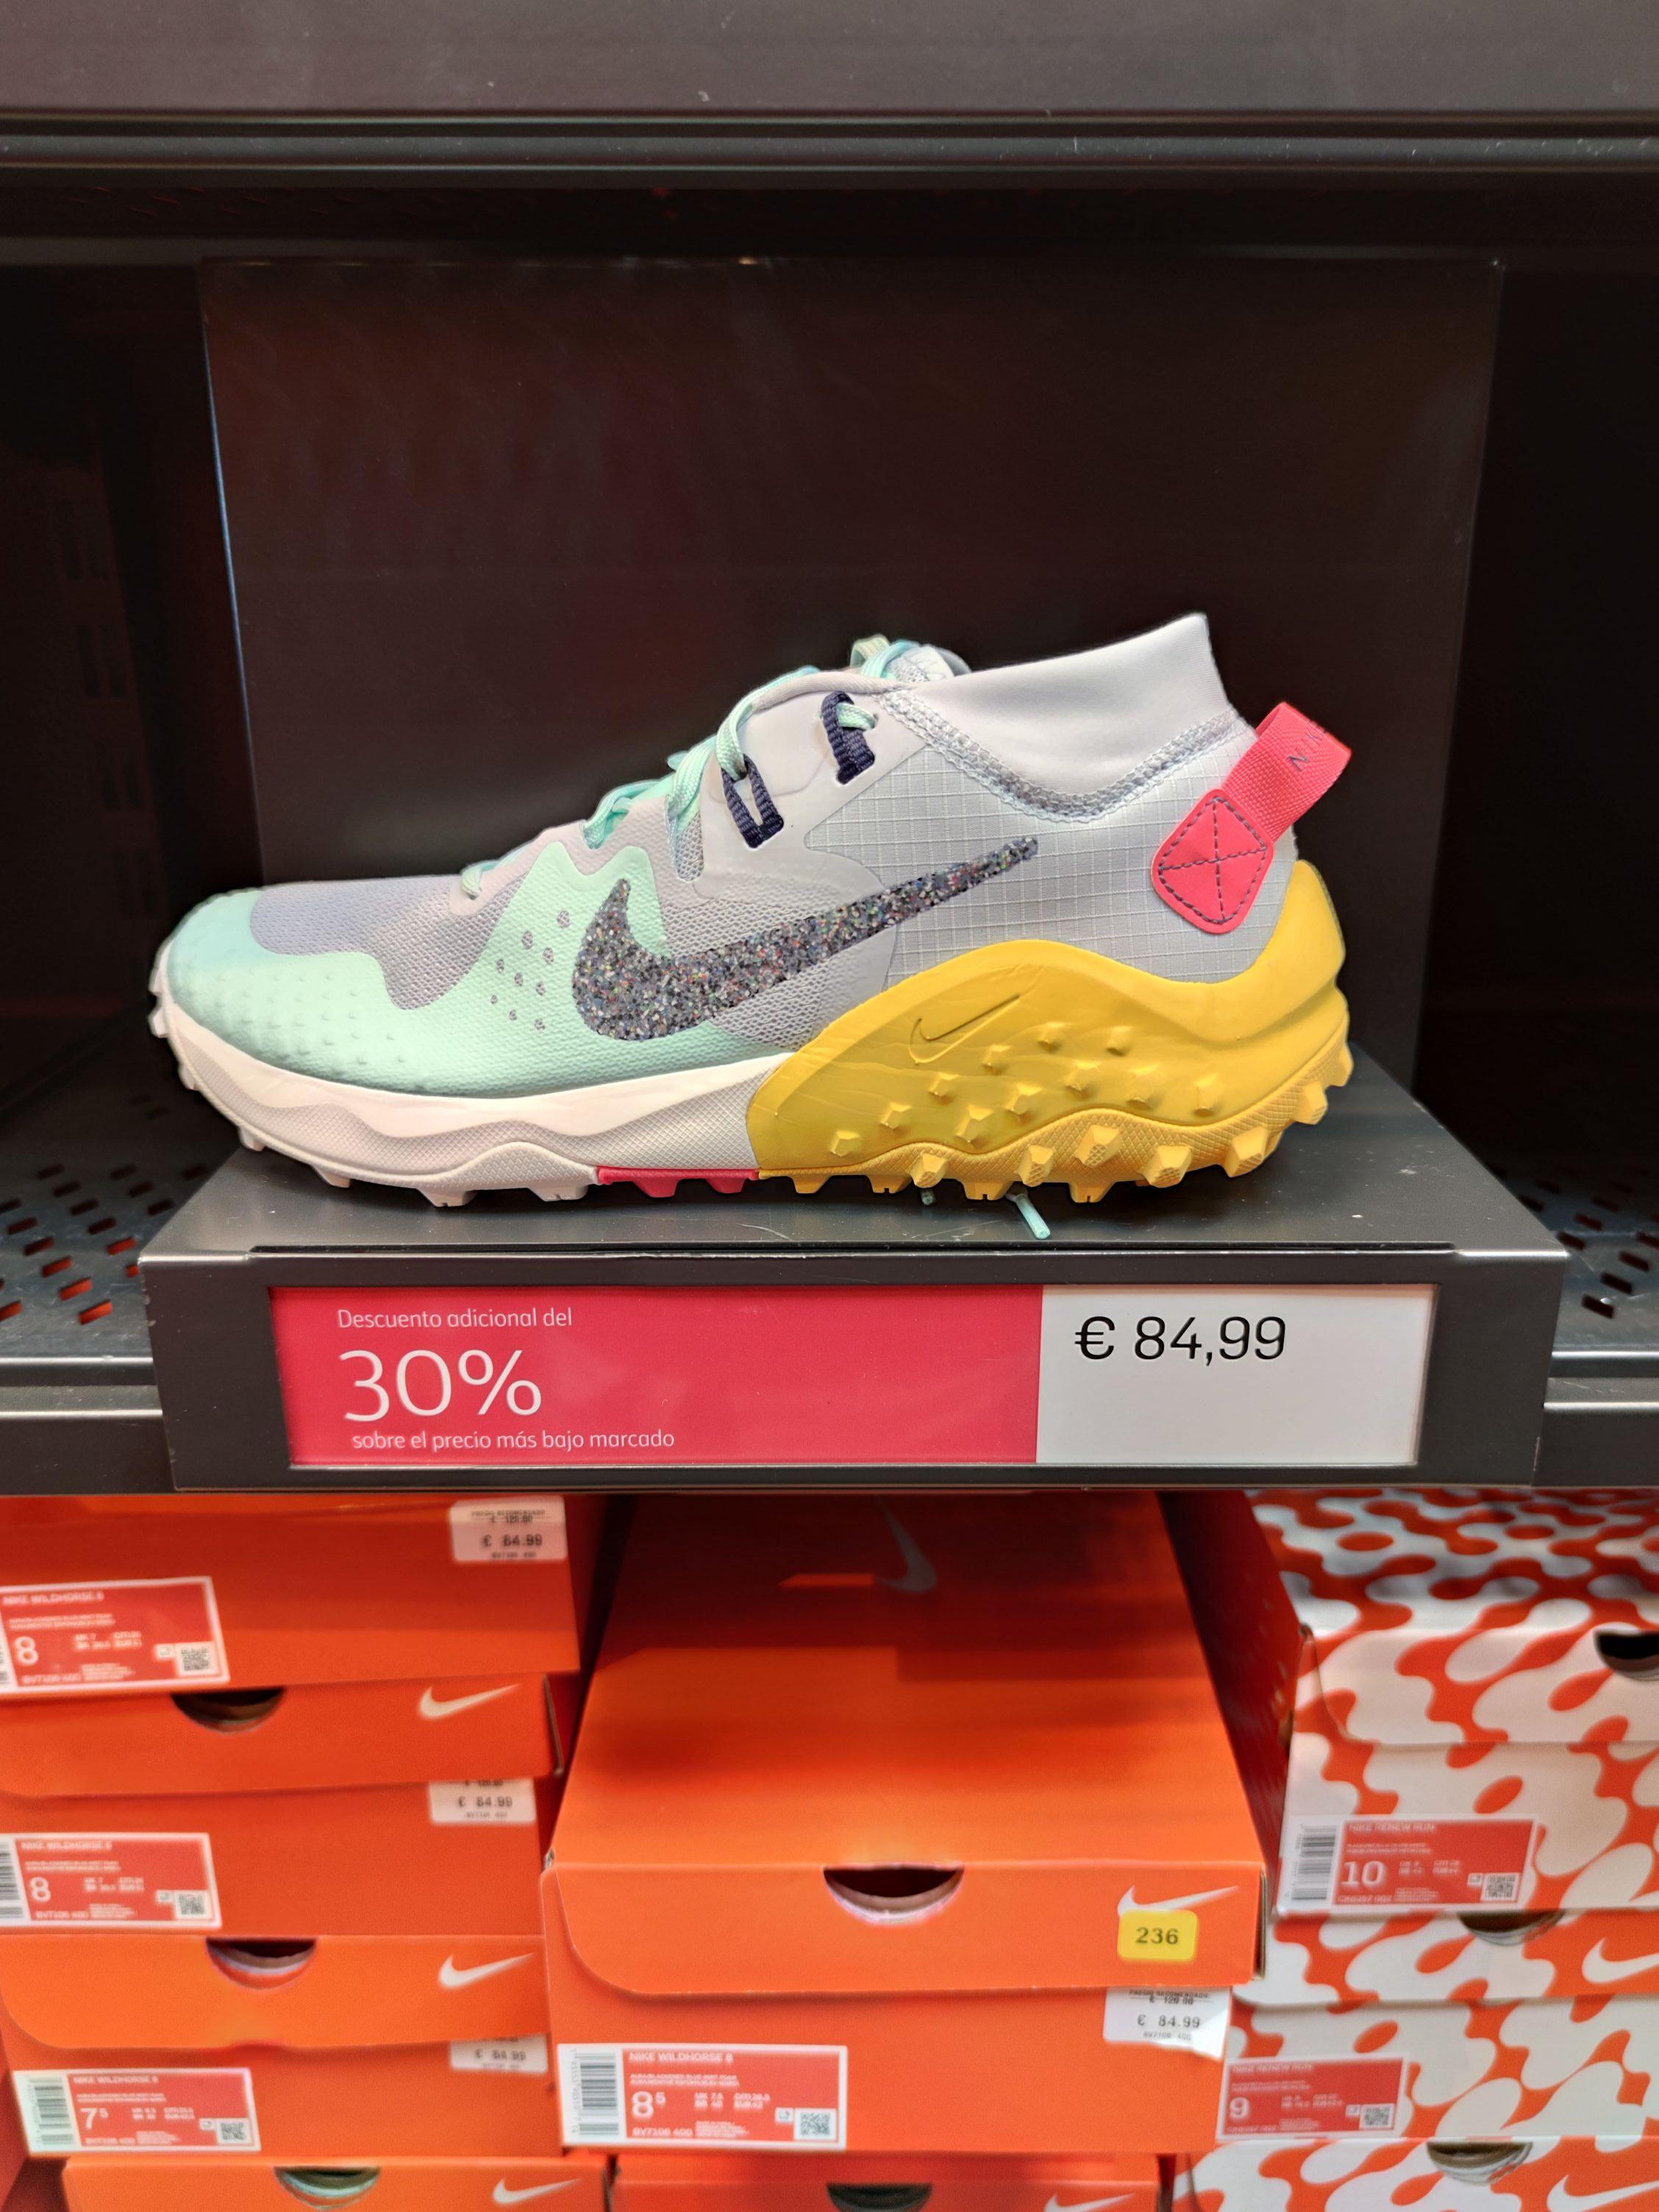 Nike Wildhorse 6 en tienda Nike del Río Shopping de Valladolid